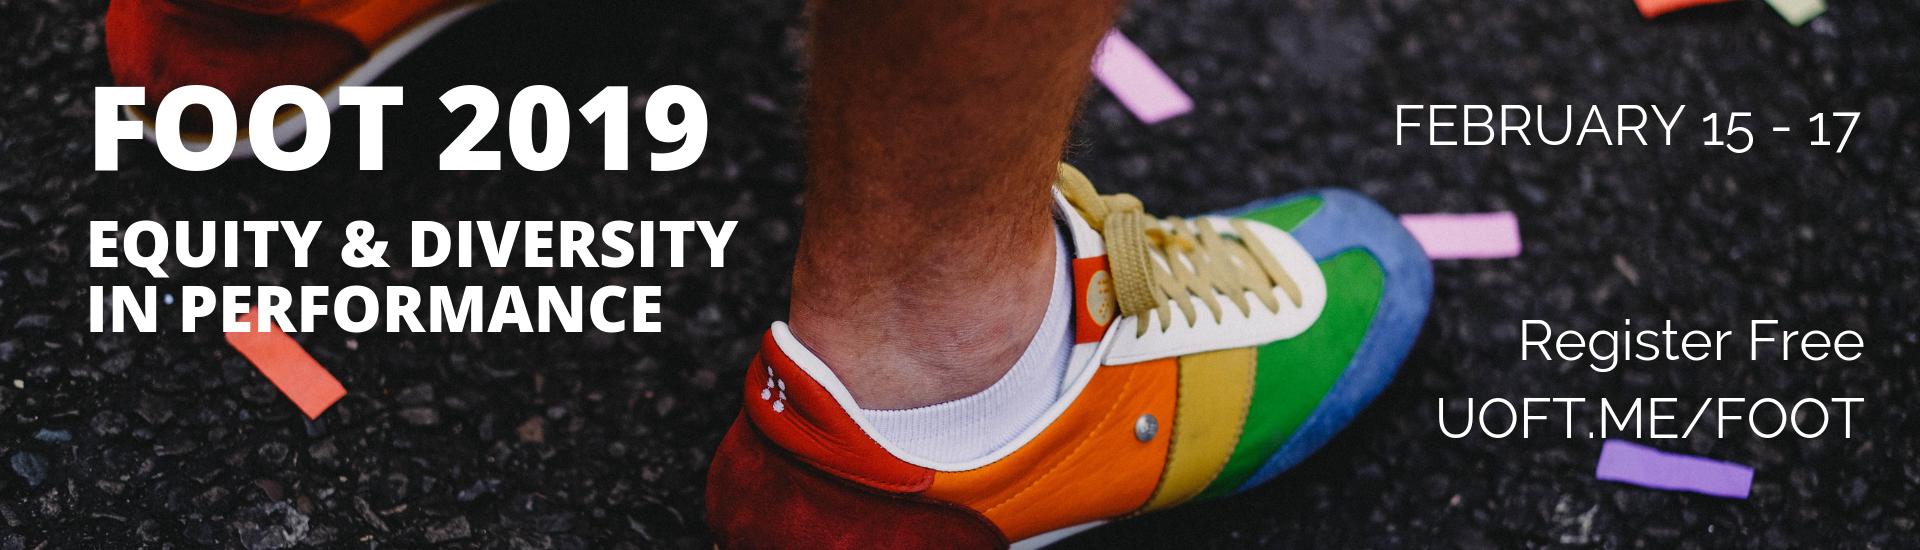 FOOT 2019 branded homepage banner